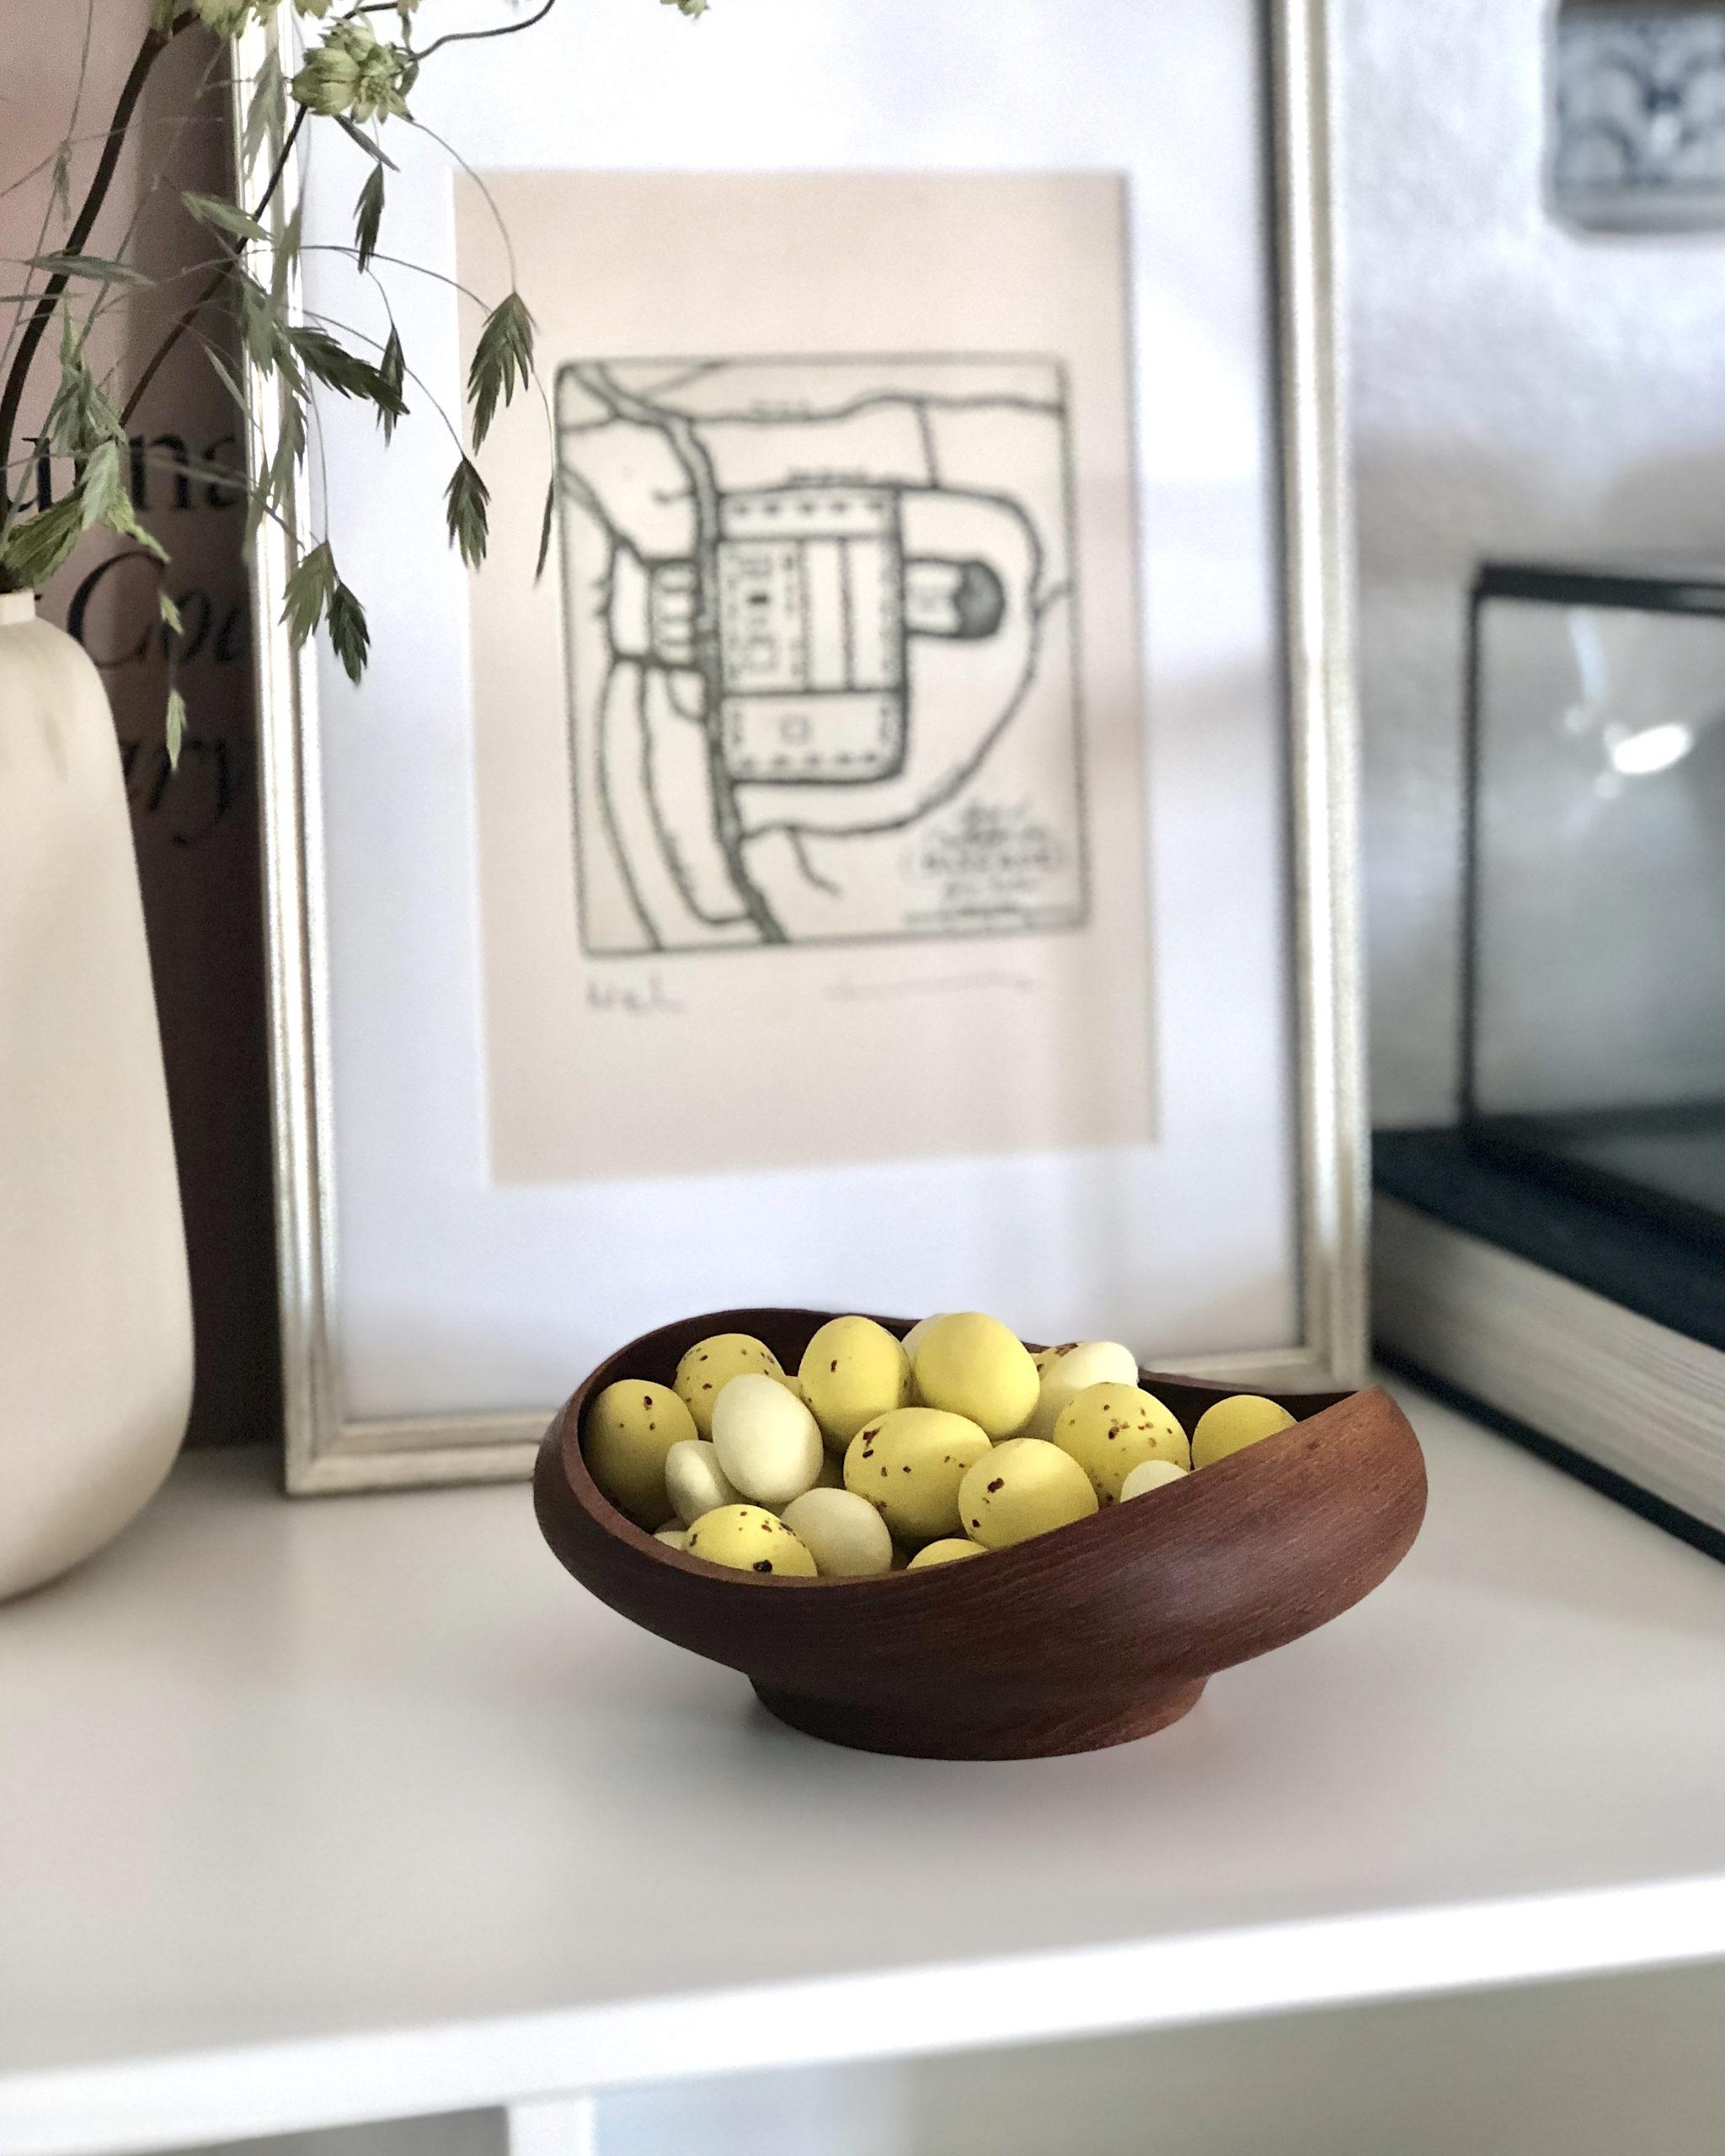 Architectmade-FJ-Bowl-15-Teak-Wood-Denmark-Finn-Juhl-6